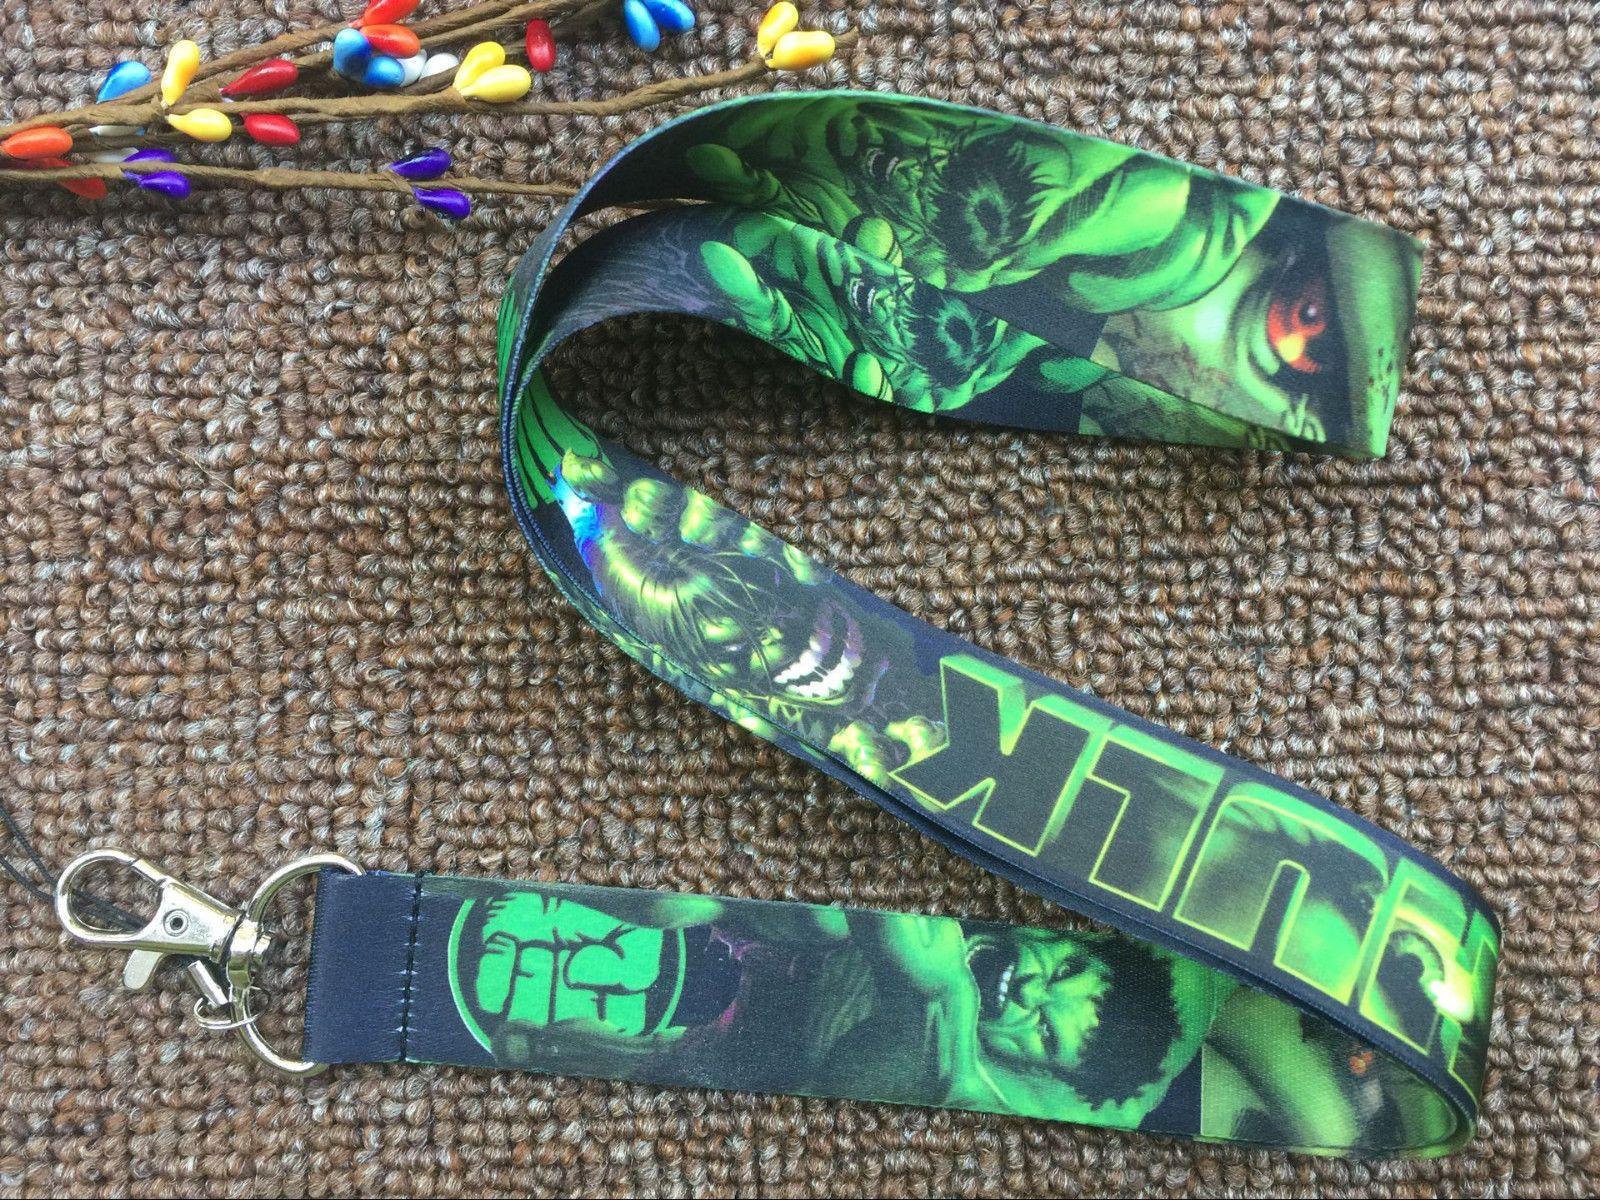 Free Shipping 50 pcs Hero Hulk Green Lanyards Neck Strap Keys Camera ID Card Lanyard Mobile Phone Neck Straps